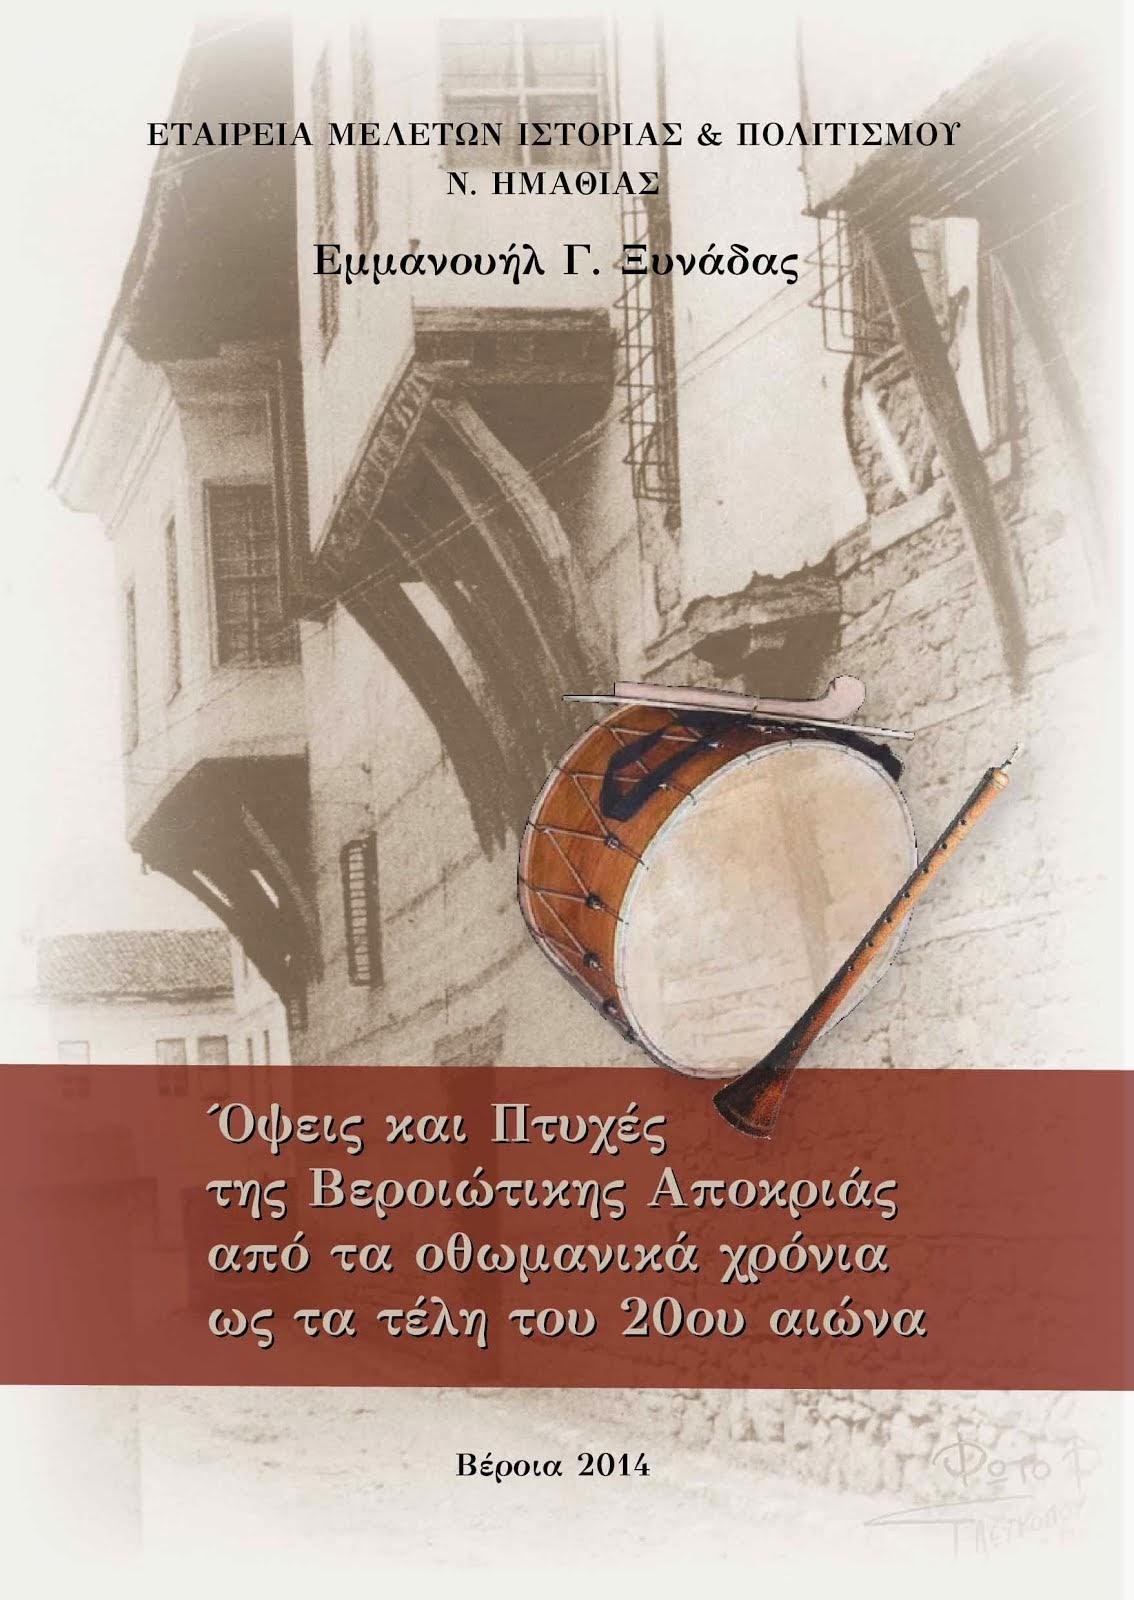 Όψεις και Πτυχές της Βεροιώτικης Αποκριάς από τα οθωμανικά χρόνια ως τα τέλη του 20ου αιώνα